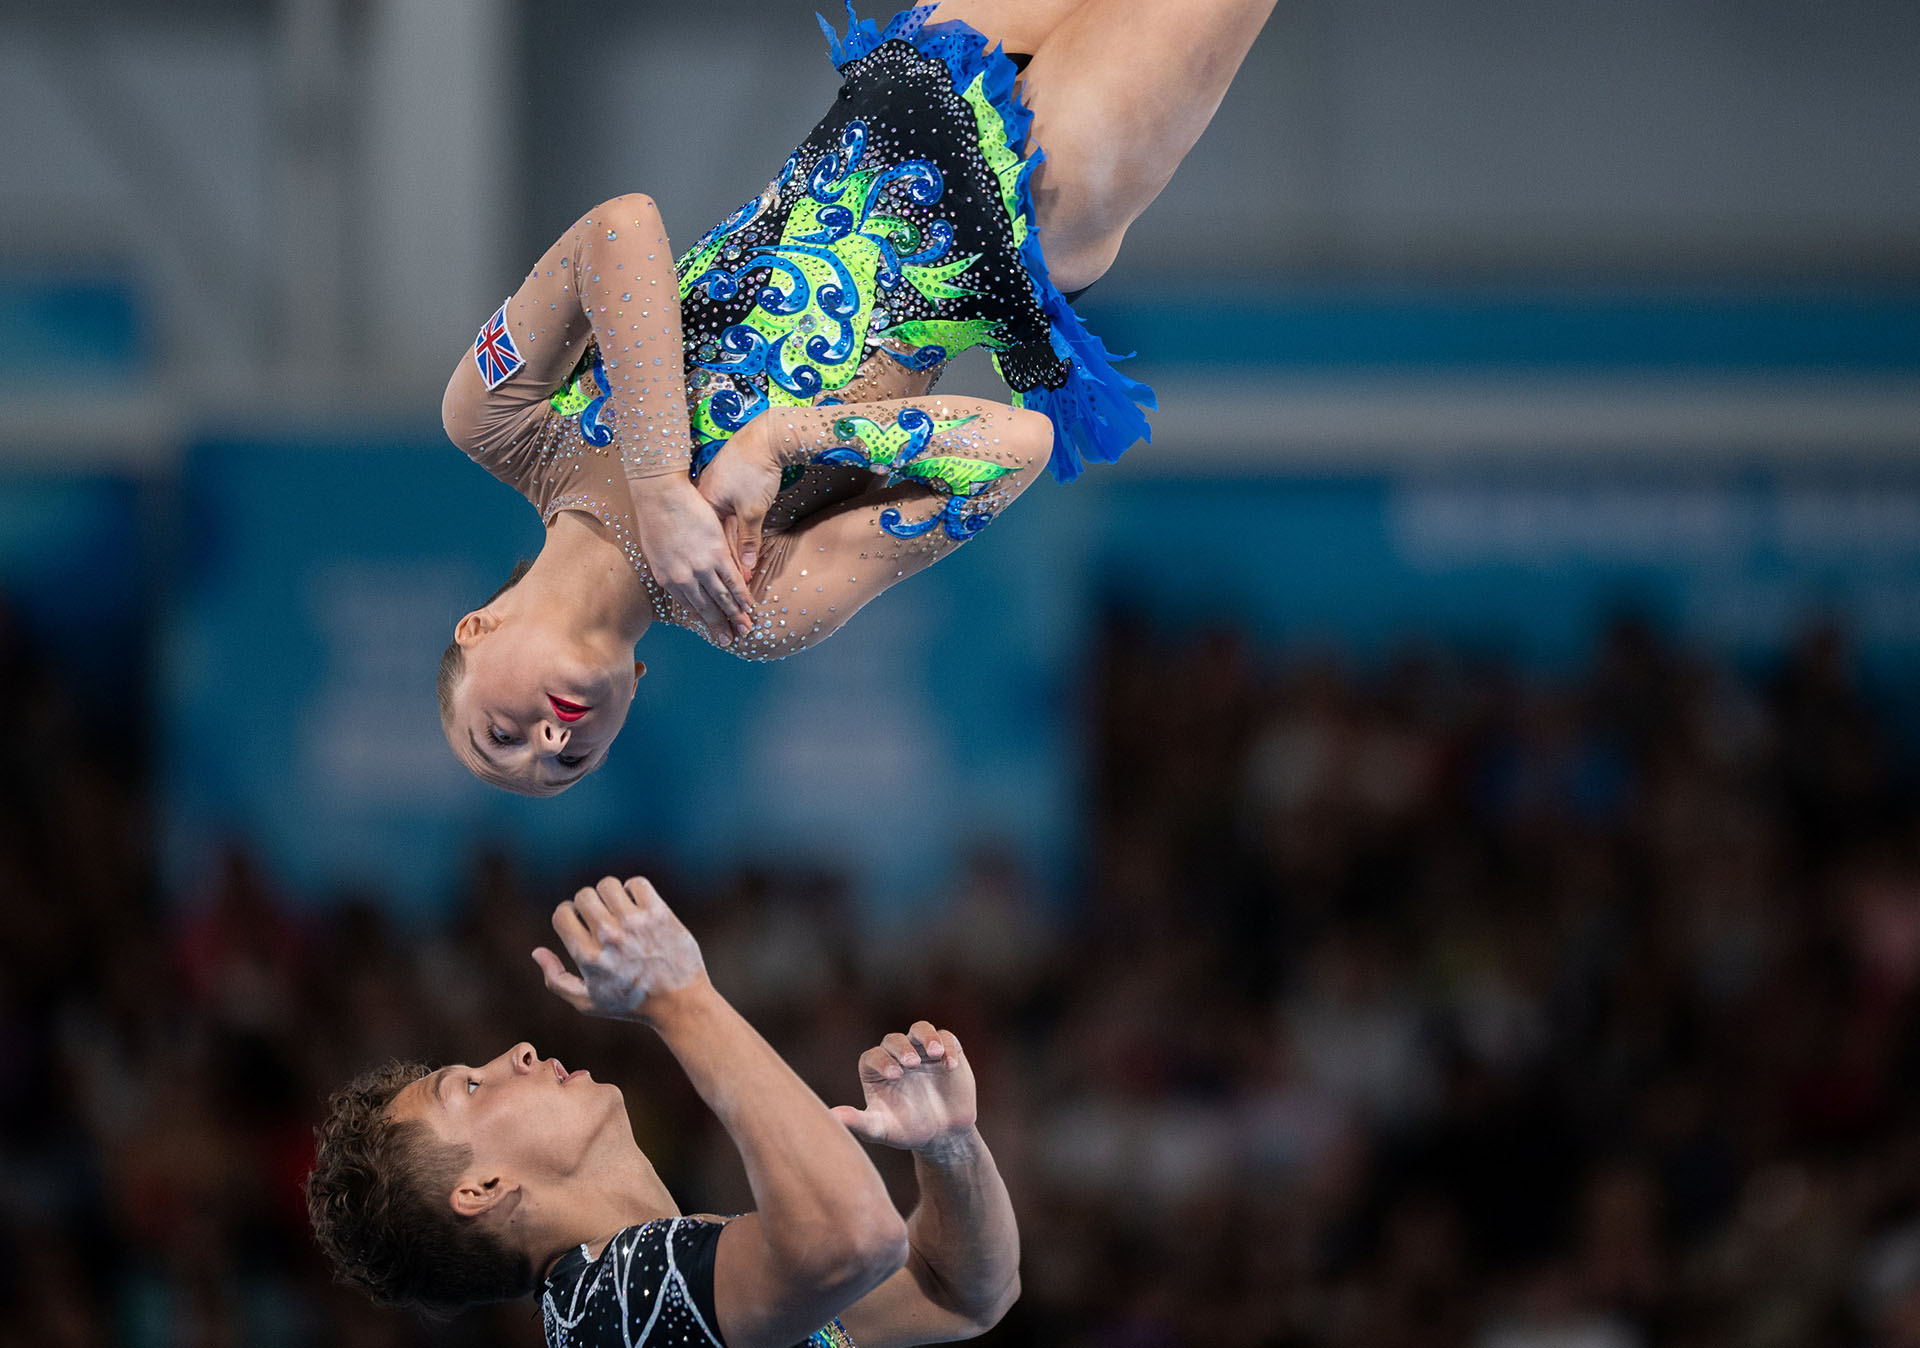 La pareja británica conformada por Sophia Imrie-Gale y Clyde Gembickas,en acción durante la prueba de Gimnasia Acrobática Mixta realizada en el Pabellón América del Parque Olímpico durante los Juegos Olímpicos de la Juventud 2018 celebrados en Buenos Aires (REUTERS)